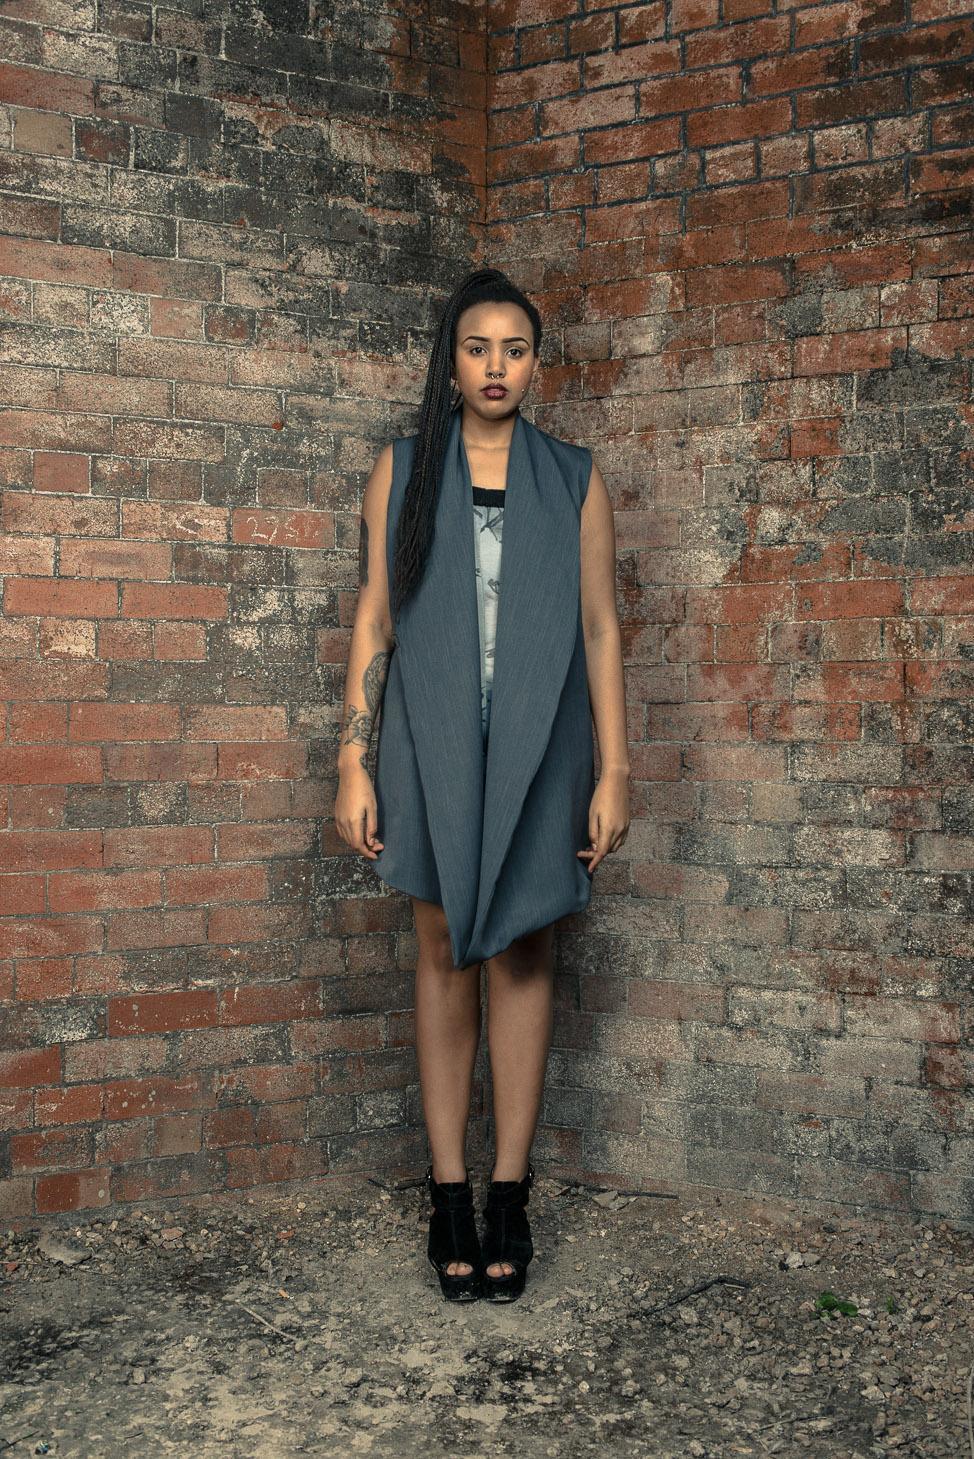 zaramia-ava-zaramiaava-leeds-fashion-designer-ethical-sustainable-tailored-minimalist-dress-jacket-versatile-drape-grey-bodysuit-black-obi-belt-wrap-cowl-styling-womenswear-models-photoshoot-27